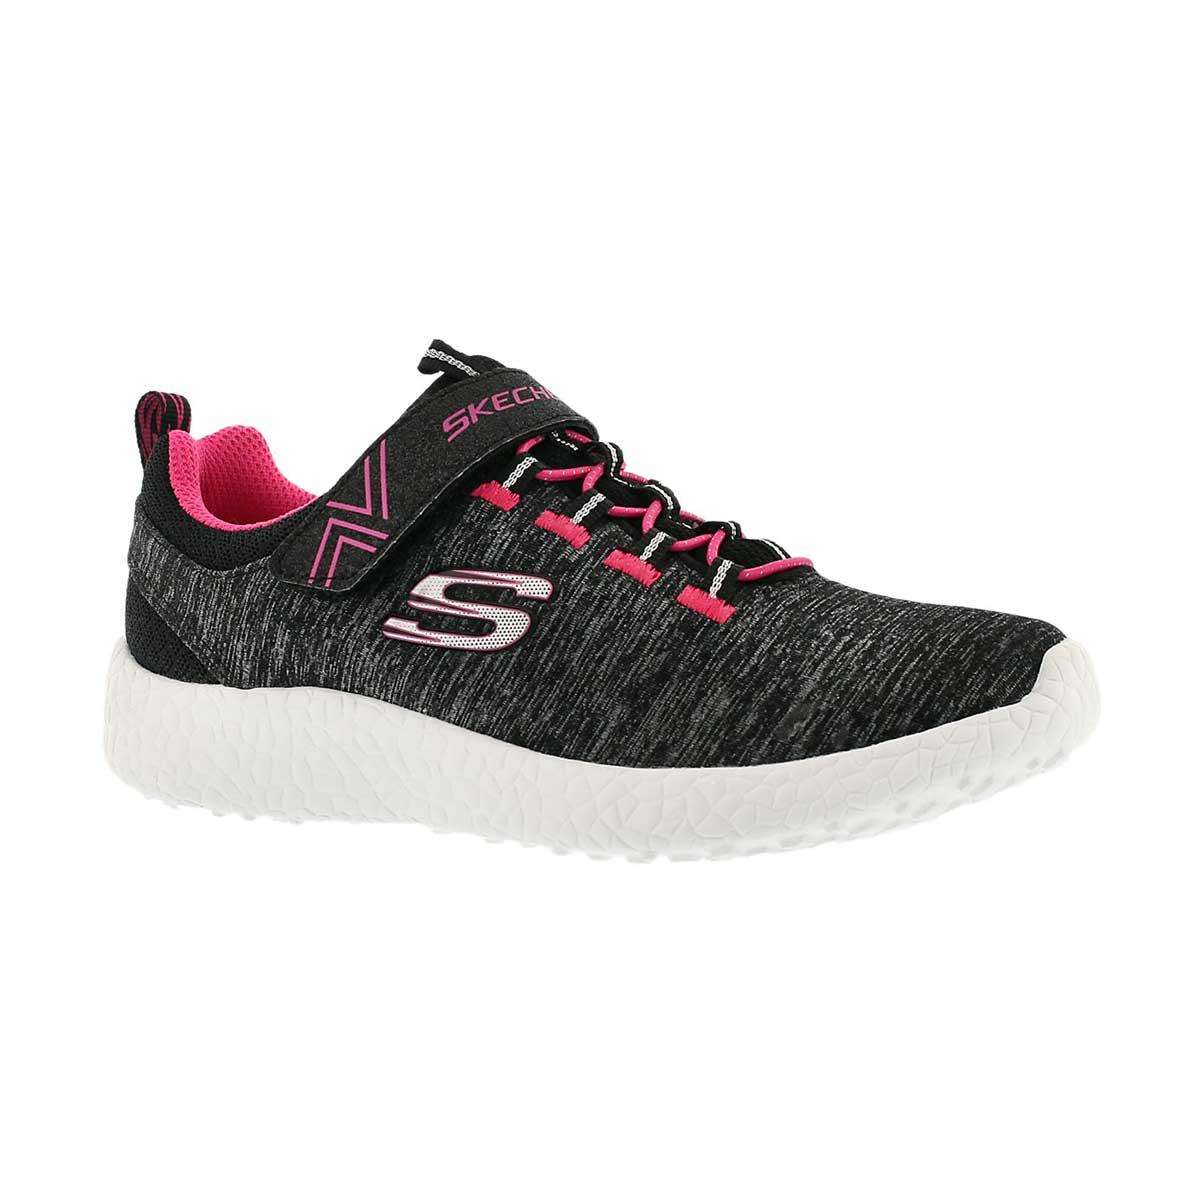 Grls Burst Equinox blk/pnk running shoe